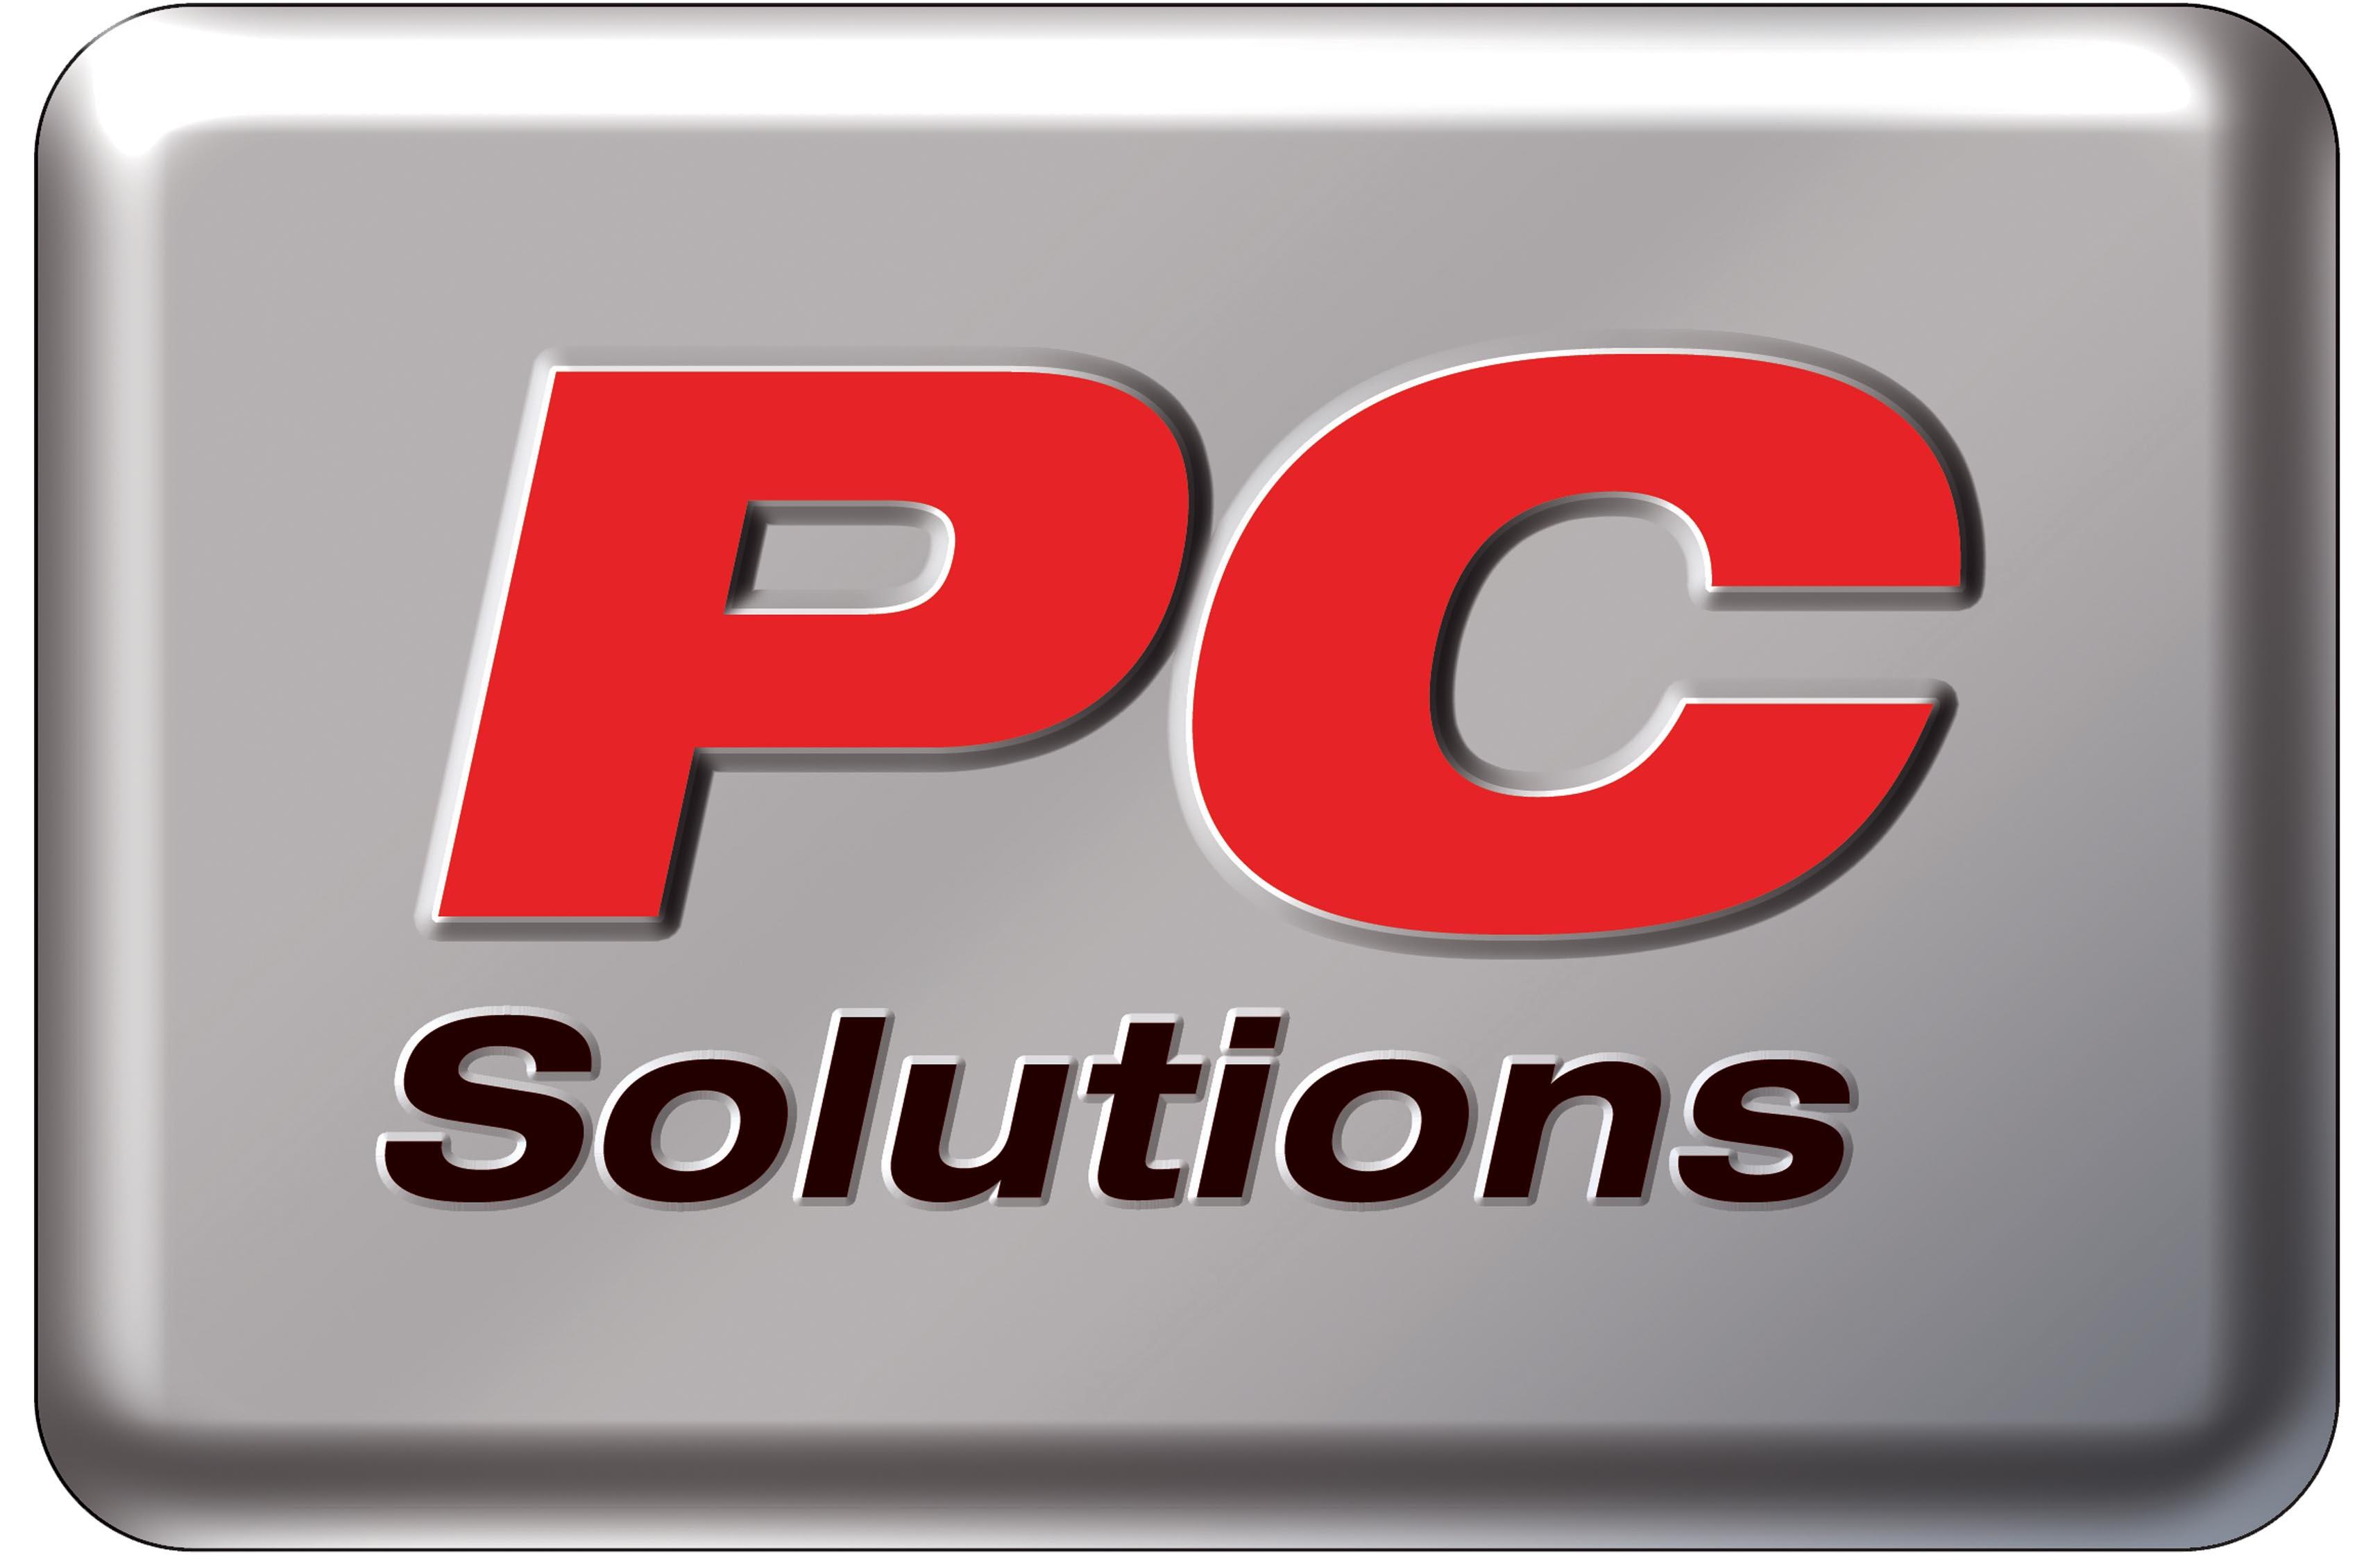 Pc Solutions Perth Gains Eset Authorised Partner Status